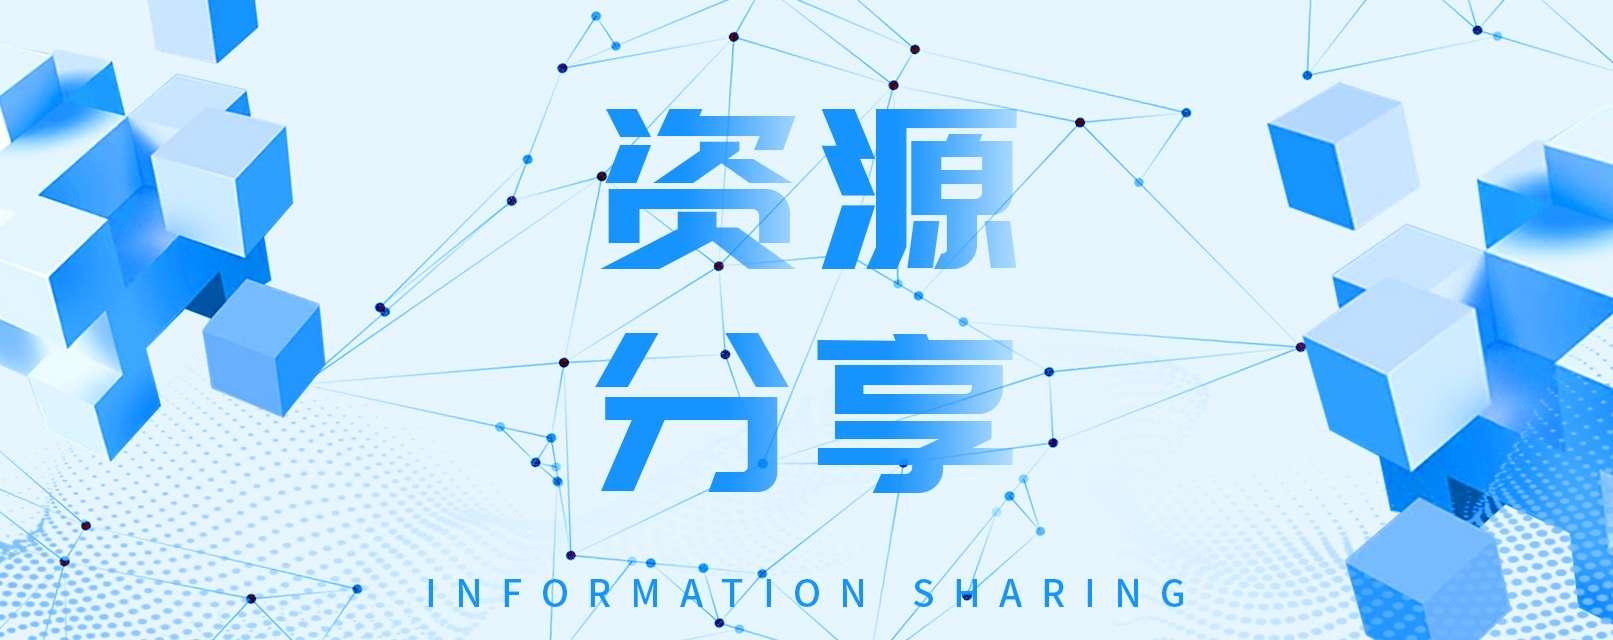 【软件分享】一款专为安卓手机打造的手机壁纸软件()